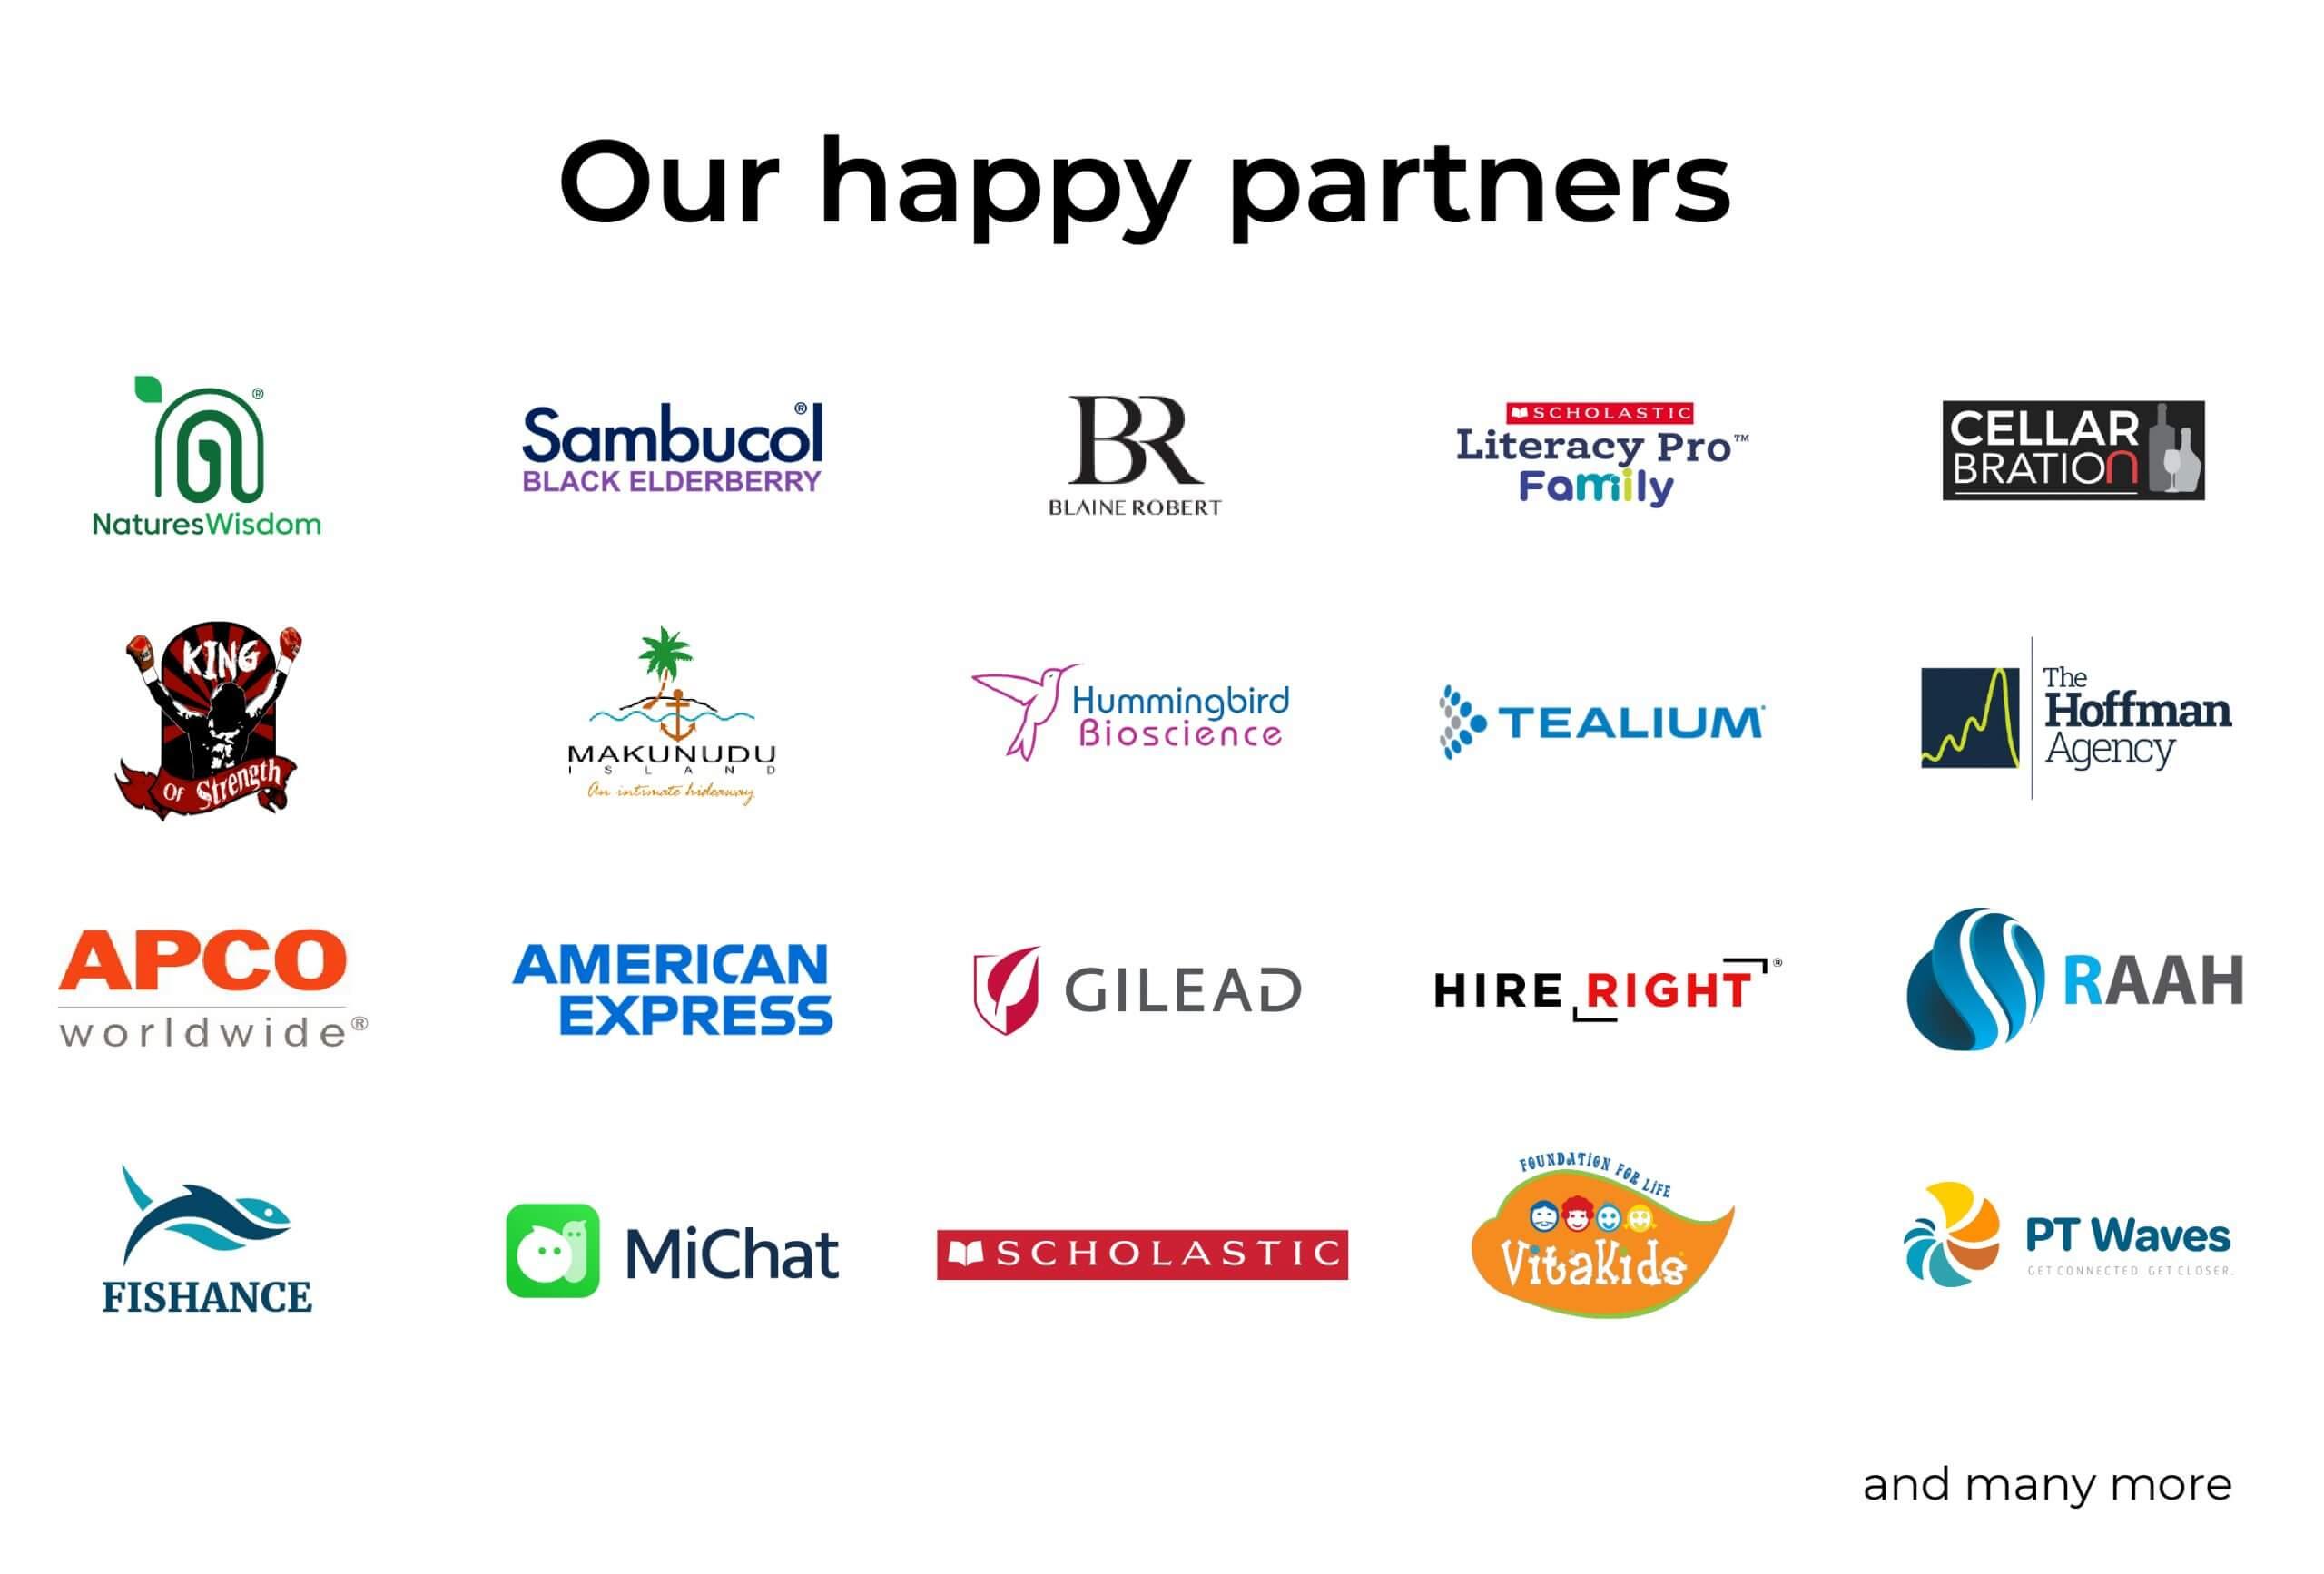 MIU-Partners